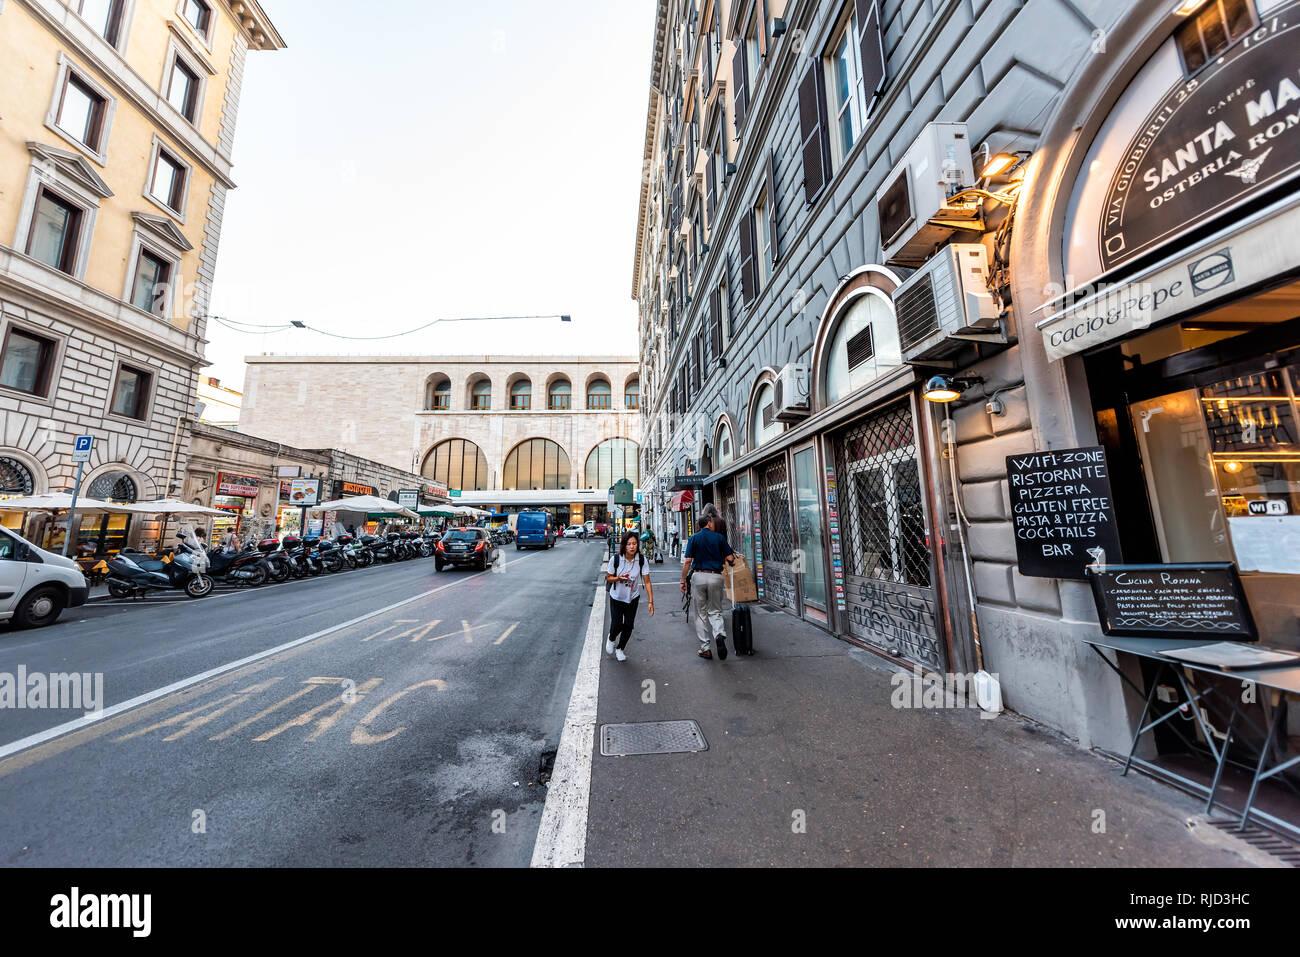 Roma, Italia - 5 Settembre 2018: Italiano strada fuori in città storica in mattinata ampio angolo di strada con la gente sul marciapiede da stazione termini un Immagini Stock